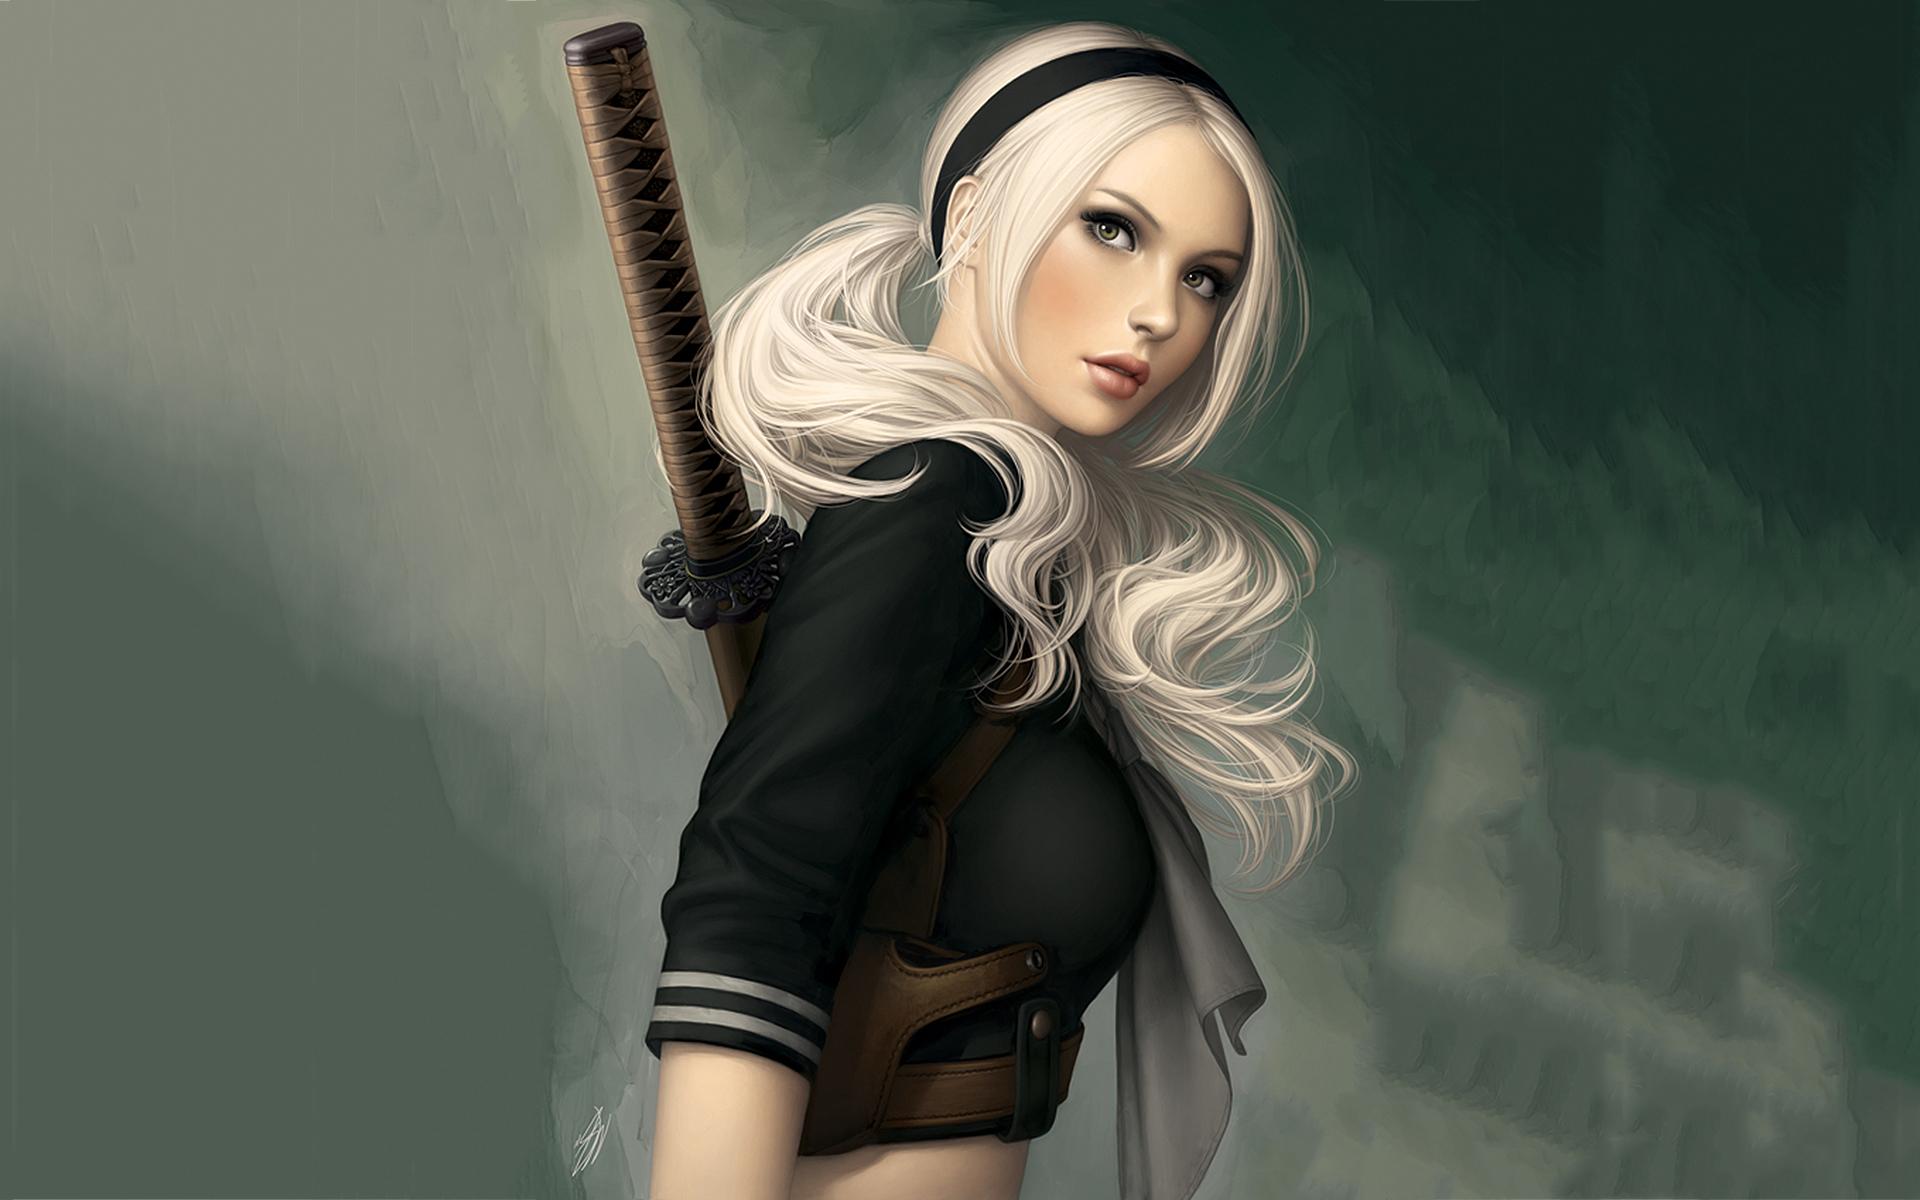 Samurai blonde girl